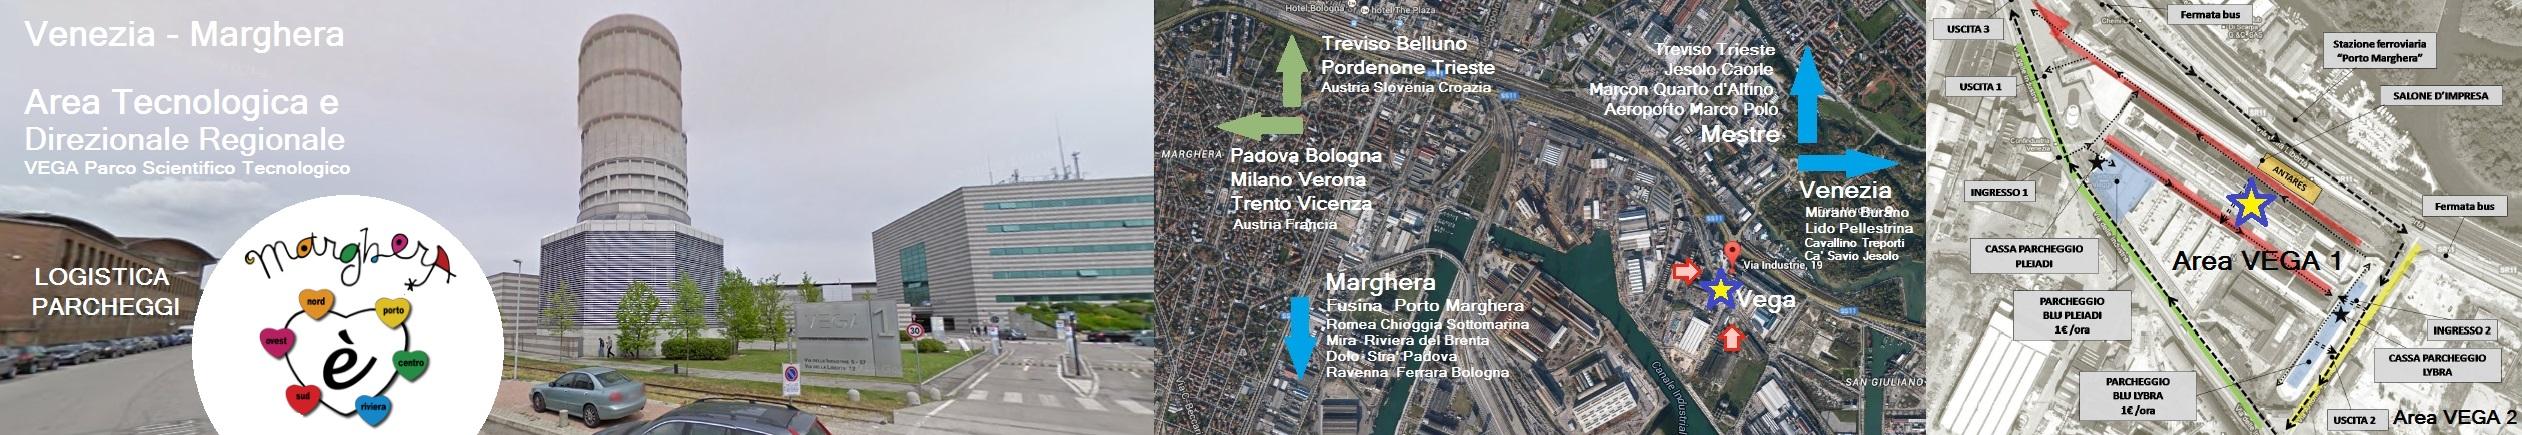 VEGA banner con foto torre hammon mappa e piantina google map - studio baroni